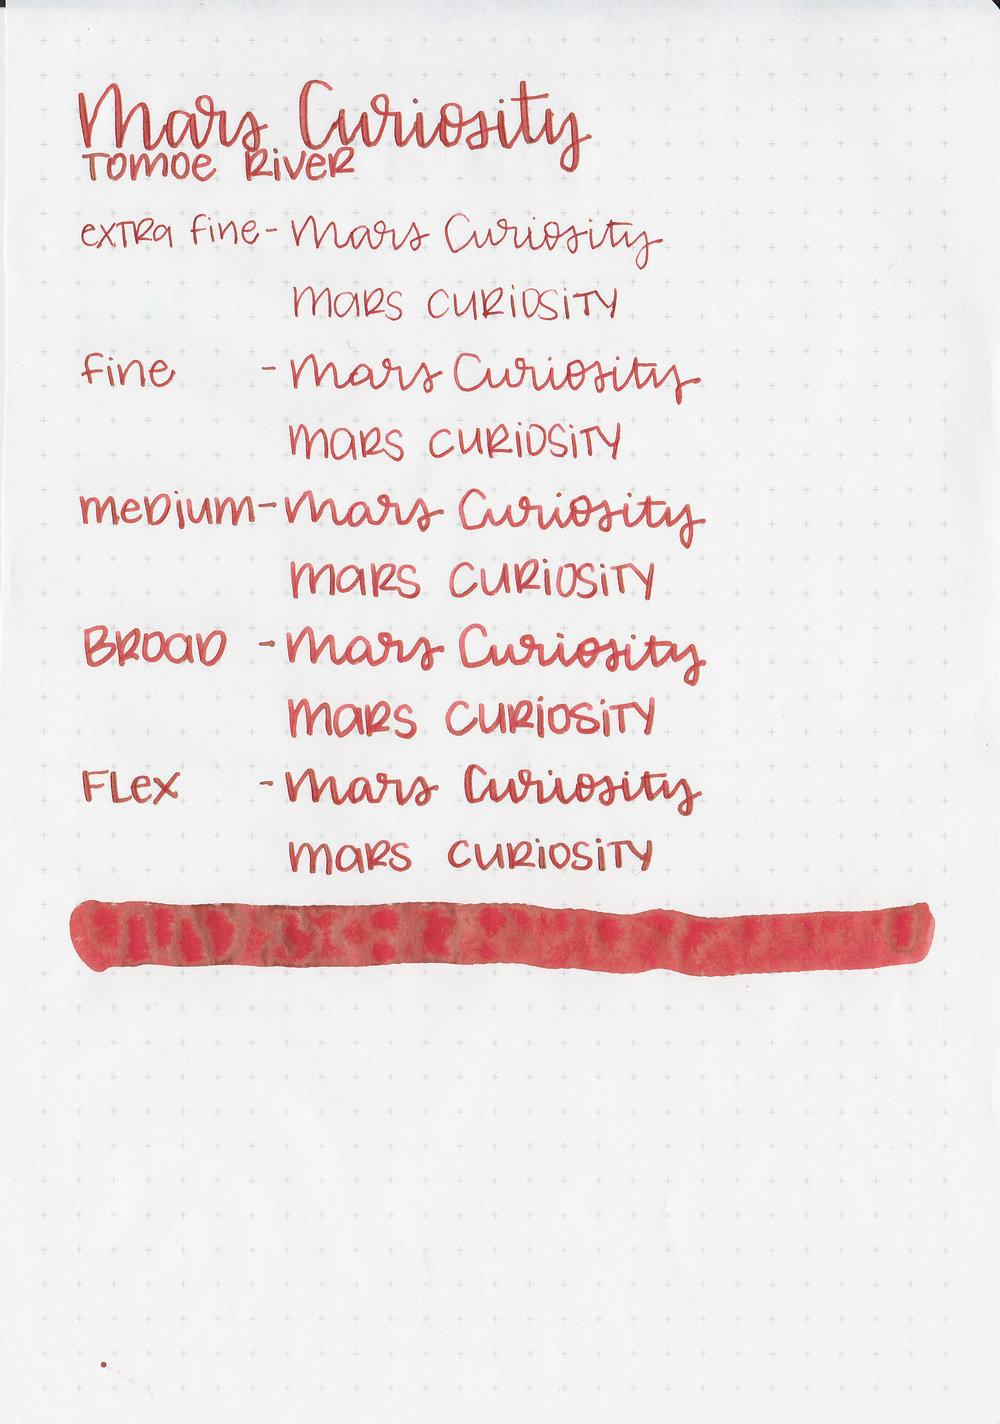 cv-mars-curiosity-8.jpg